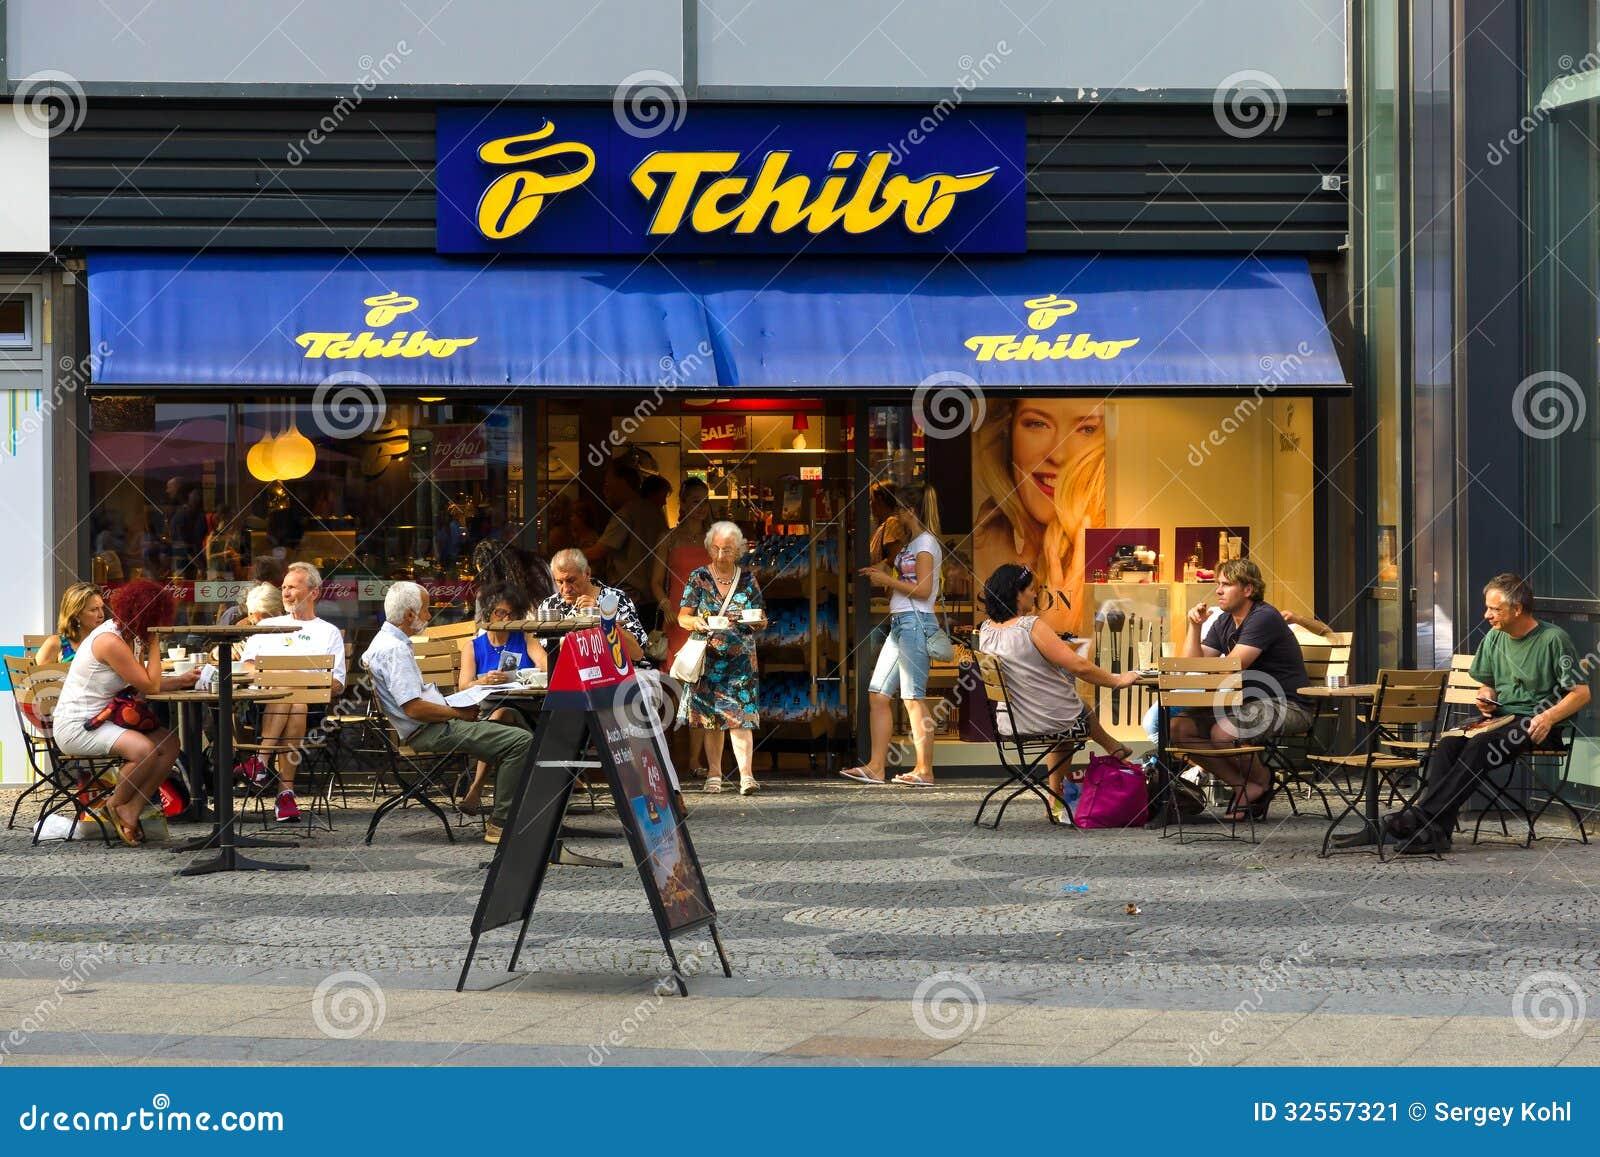 auf großhandel Weltweit Versandkostenfrei Heiß-Verkauf am neuesten Shop Tschibo On Kurfuerstendamm Editorial Photo - Image of ...